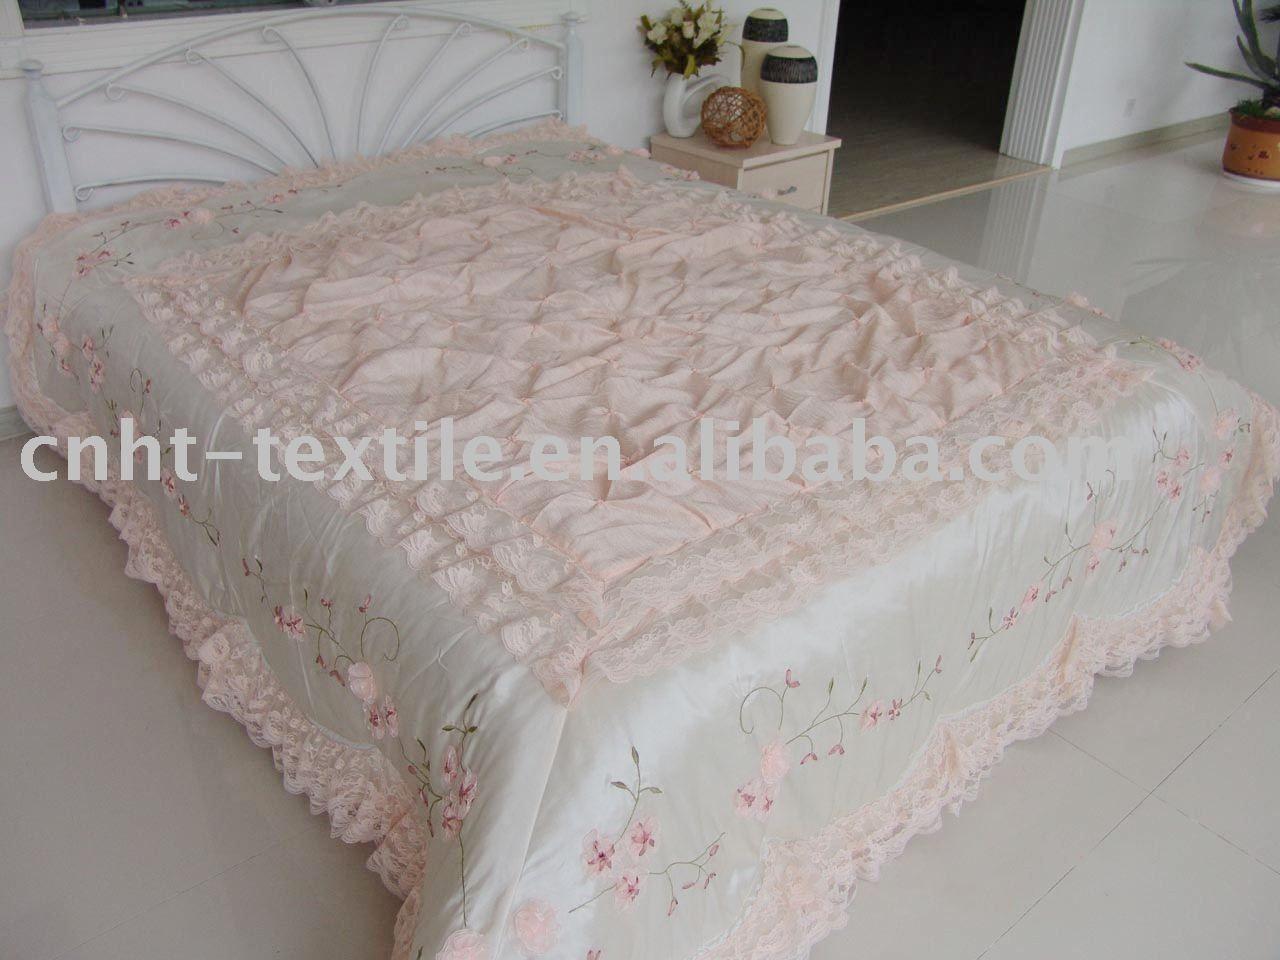 Ribbon embroidery bedspread designs - Elegant Bedspreads Luxury Bedspreads Comforters Rv Bedspreads Designer Bedspreads